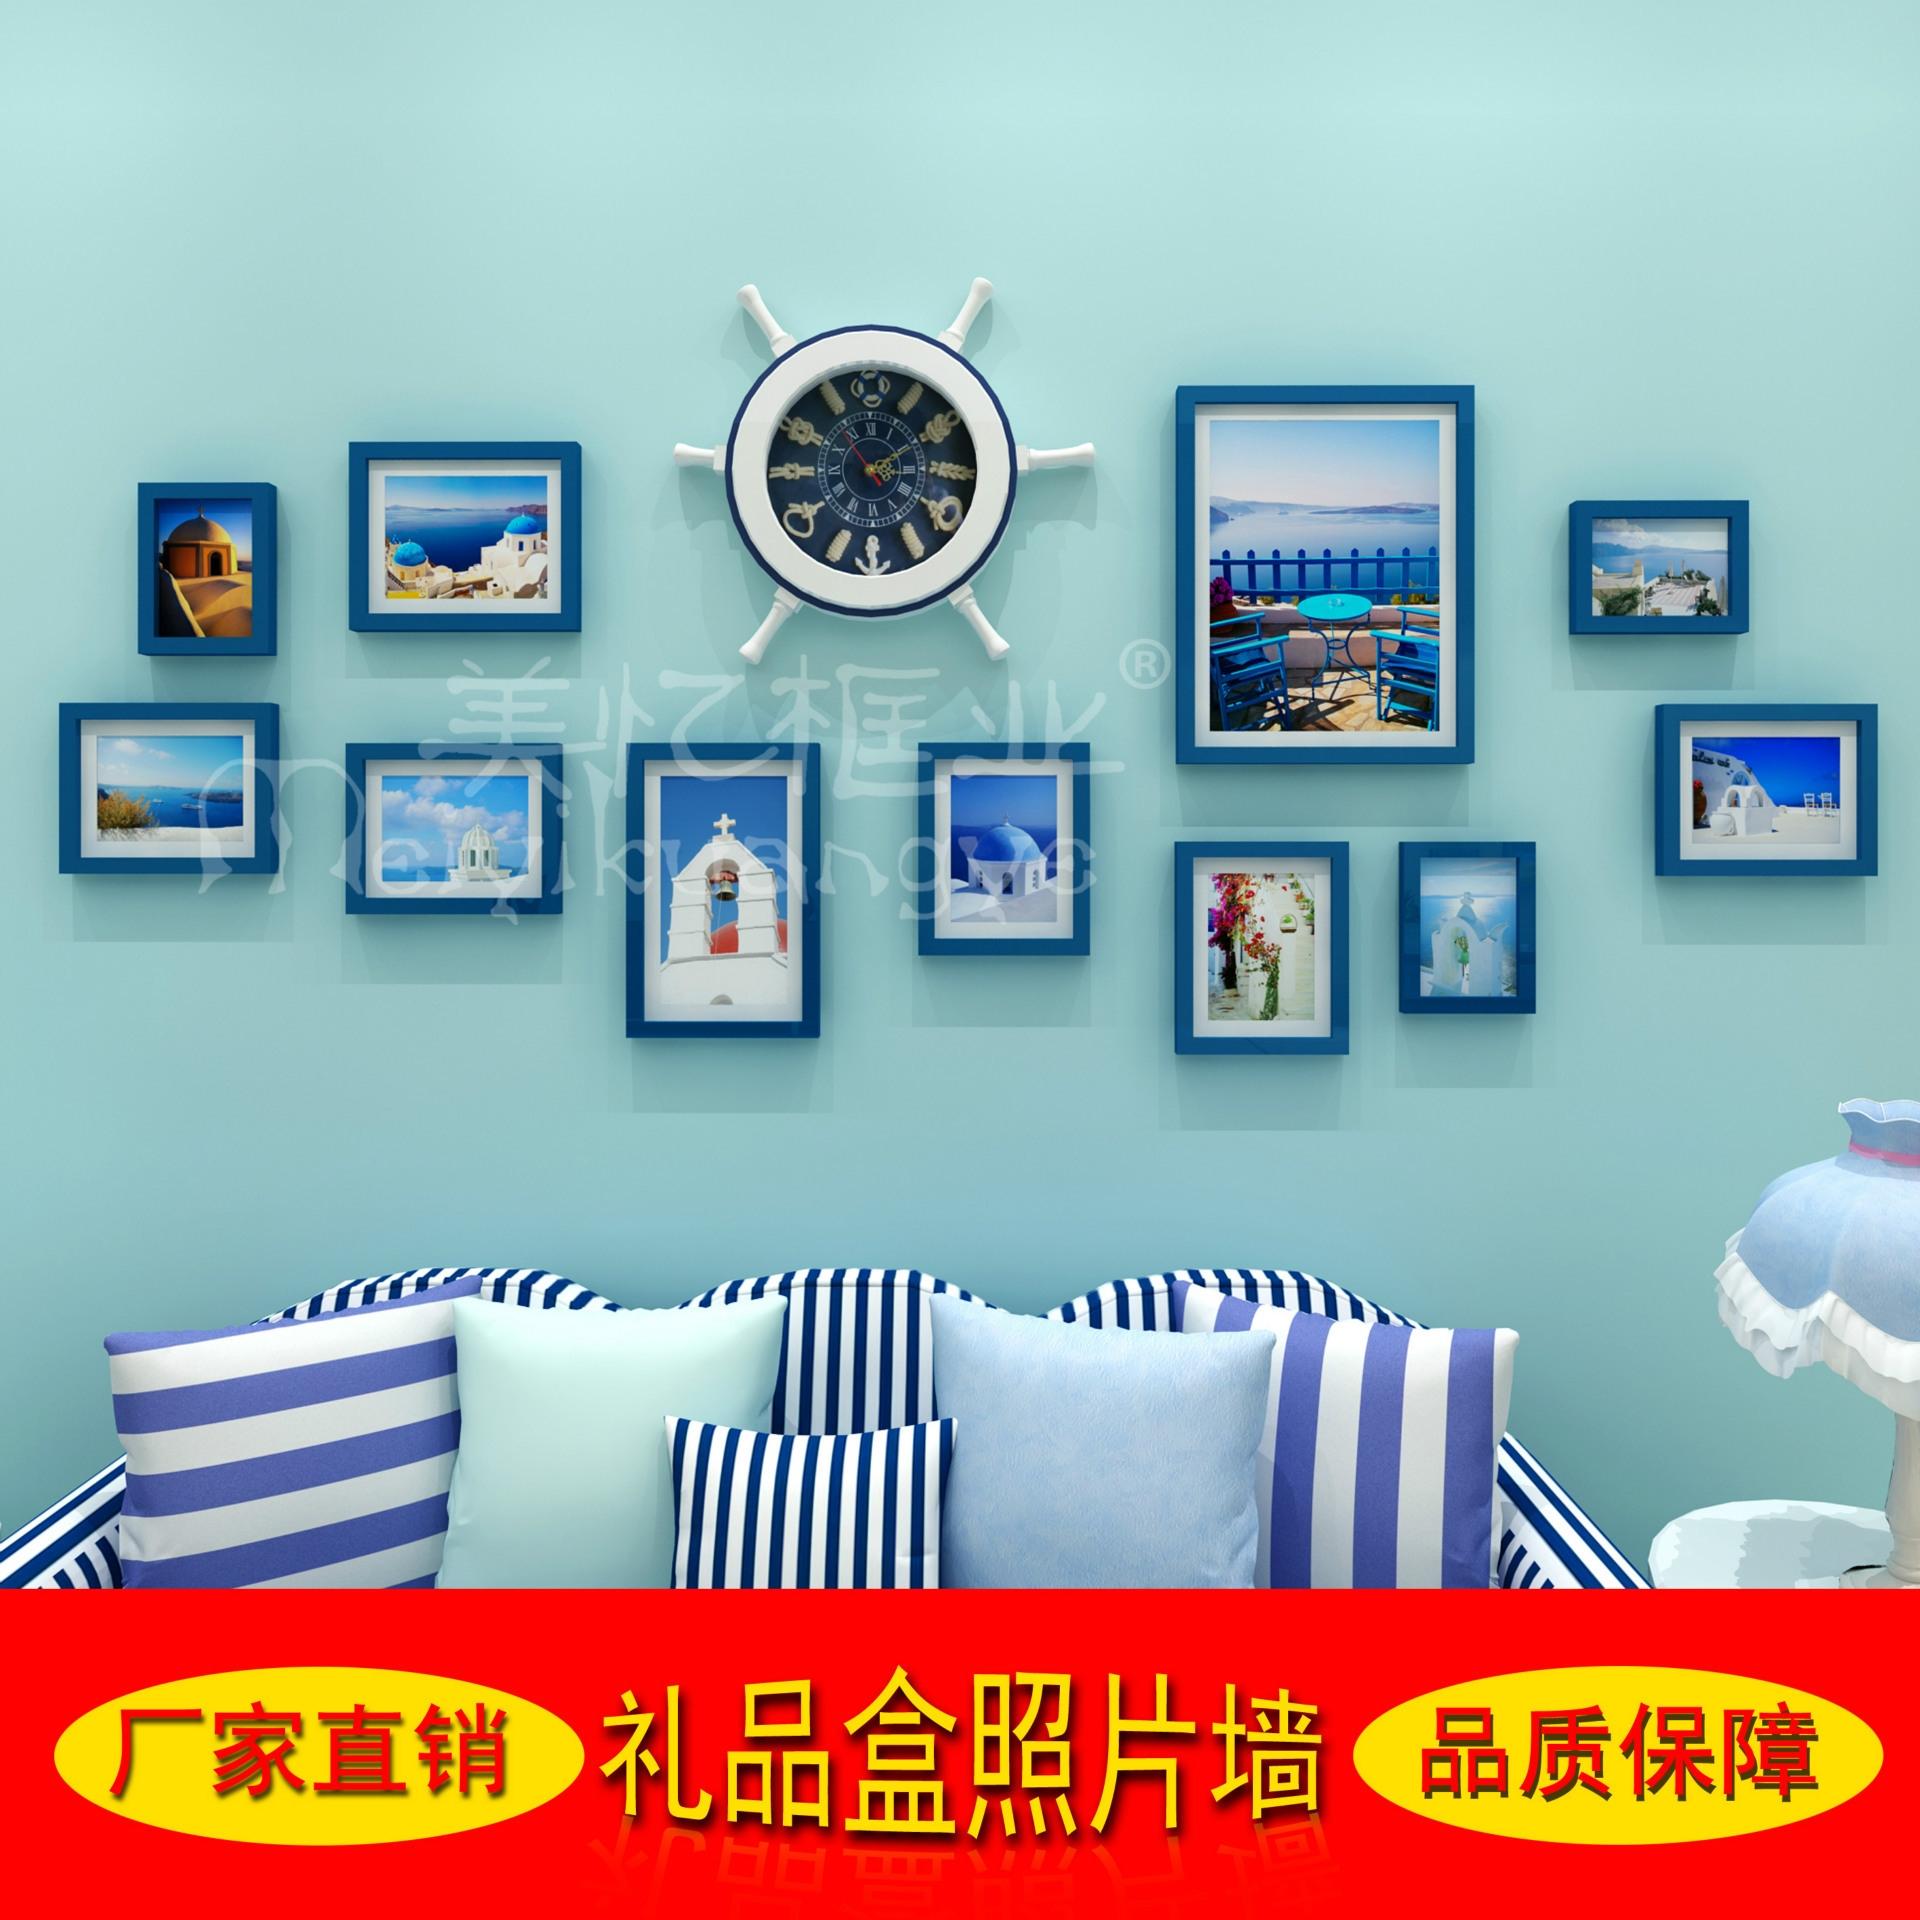 厂家直销地中海装饰照片墙客厅 卧室画框相